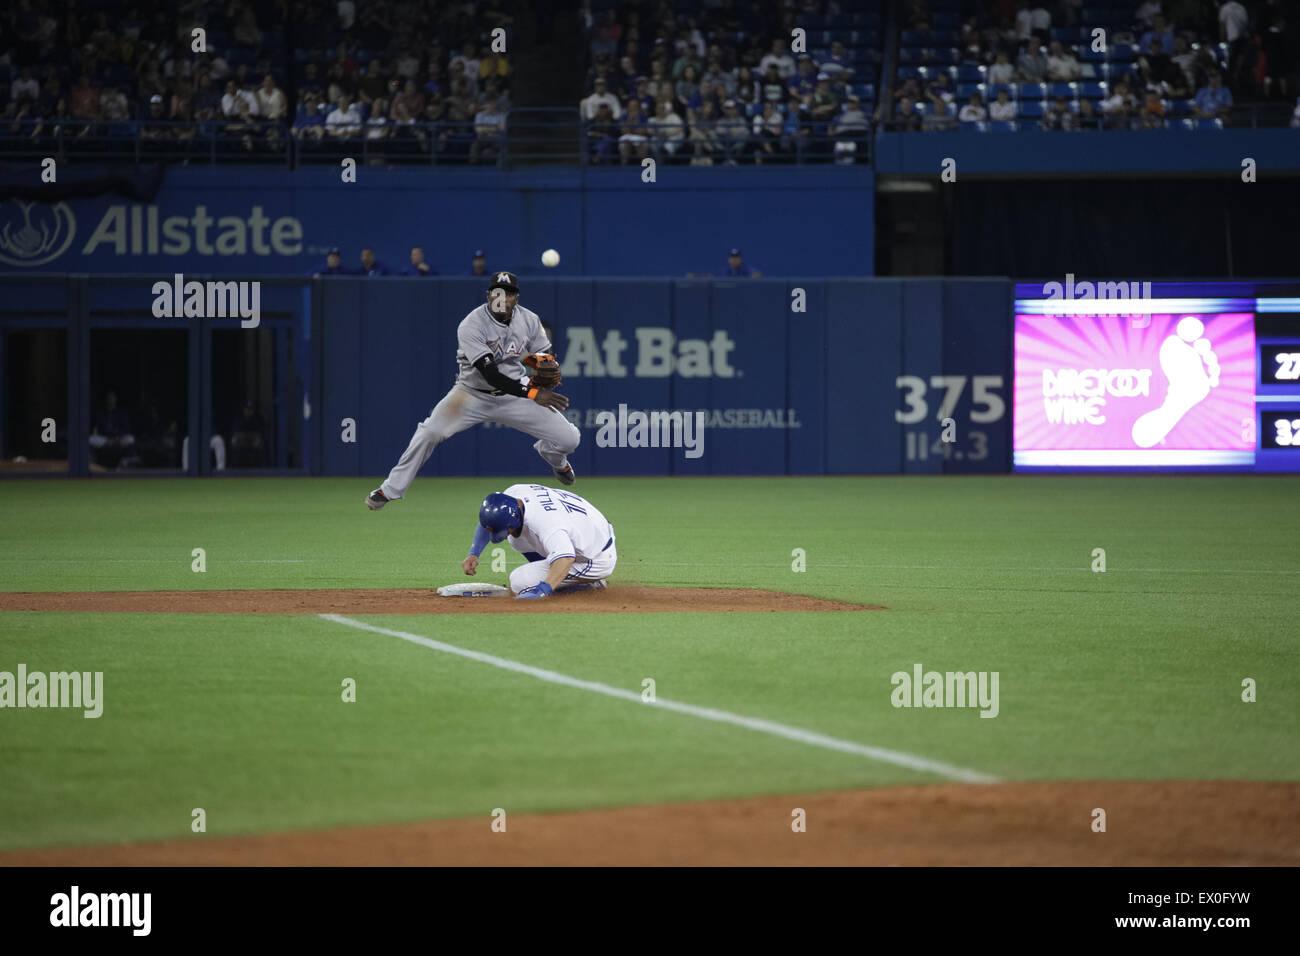 Joueur de baseball slide deuxième base Photo Stock